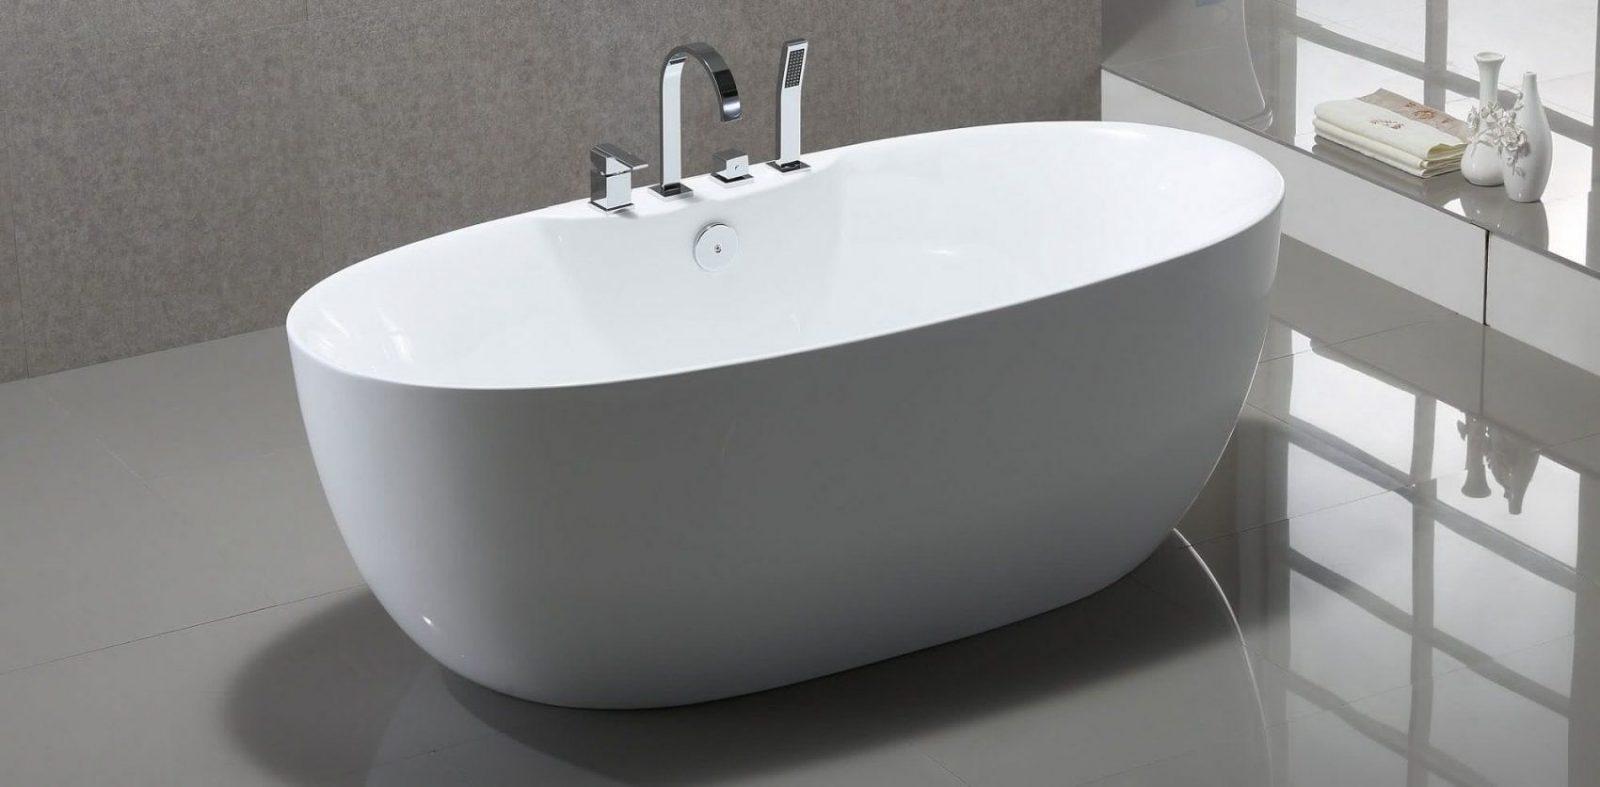 Atemberaubend Freistehende Badewanne Mit Integrierter Armatur von Badewanne Mit Integrierter Armatur Bild